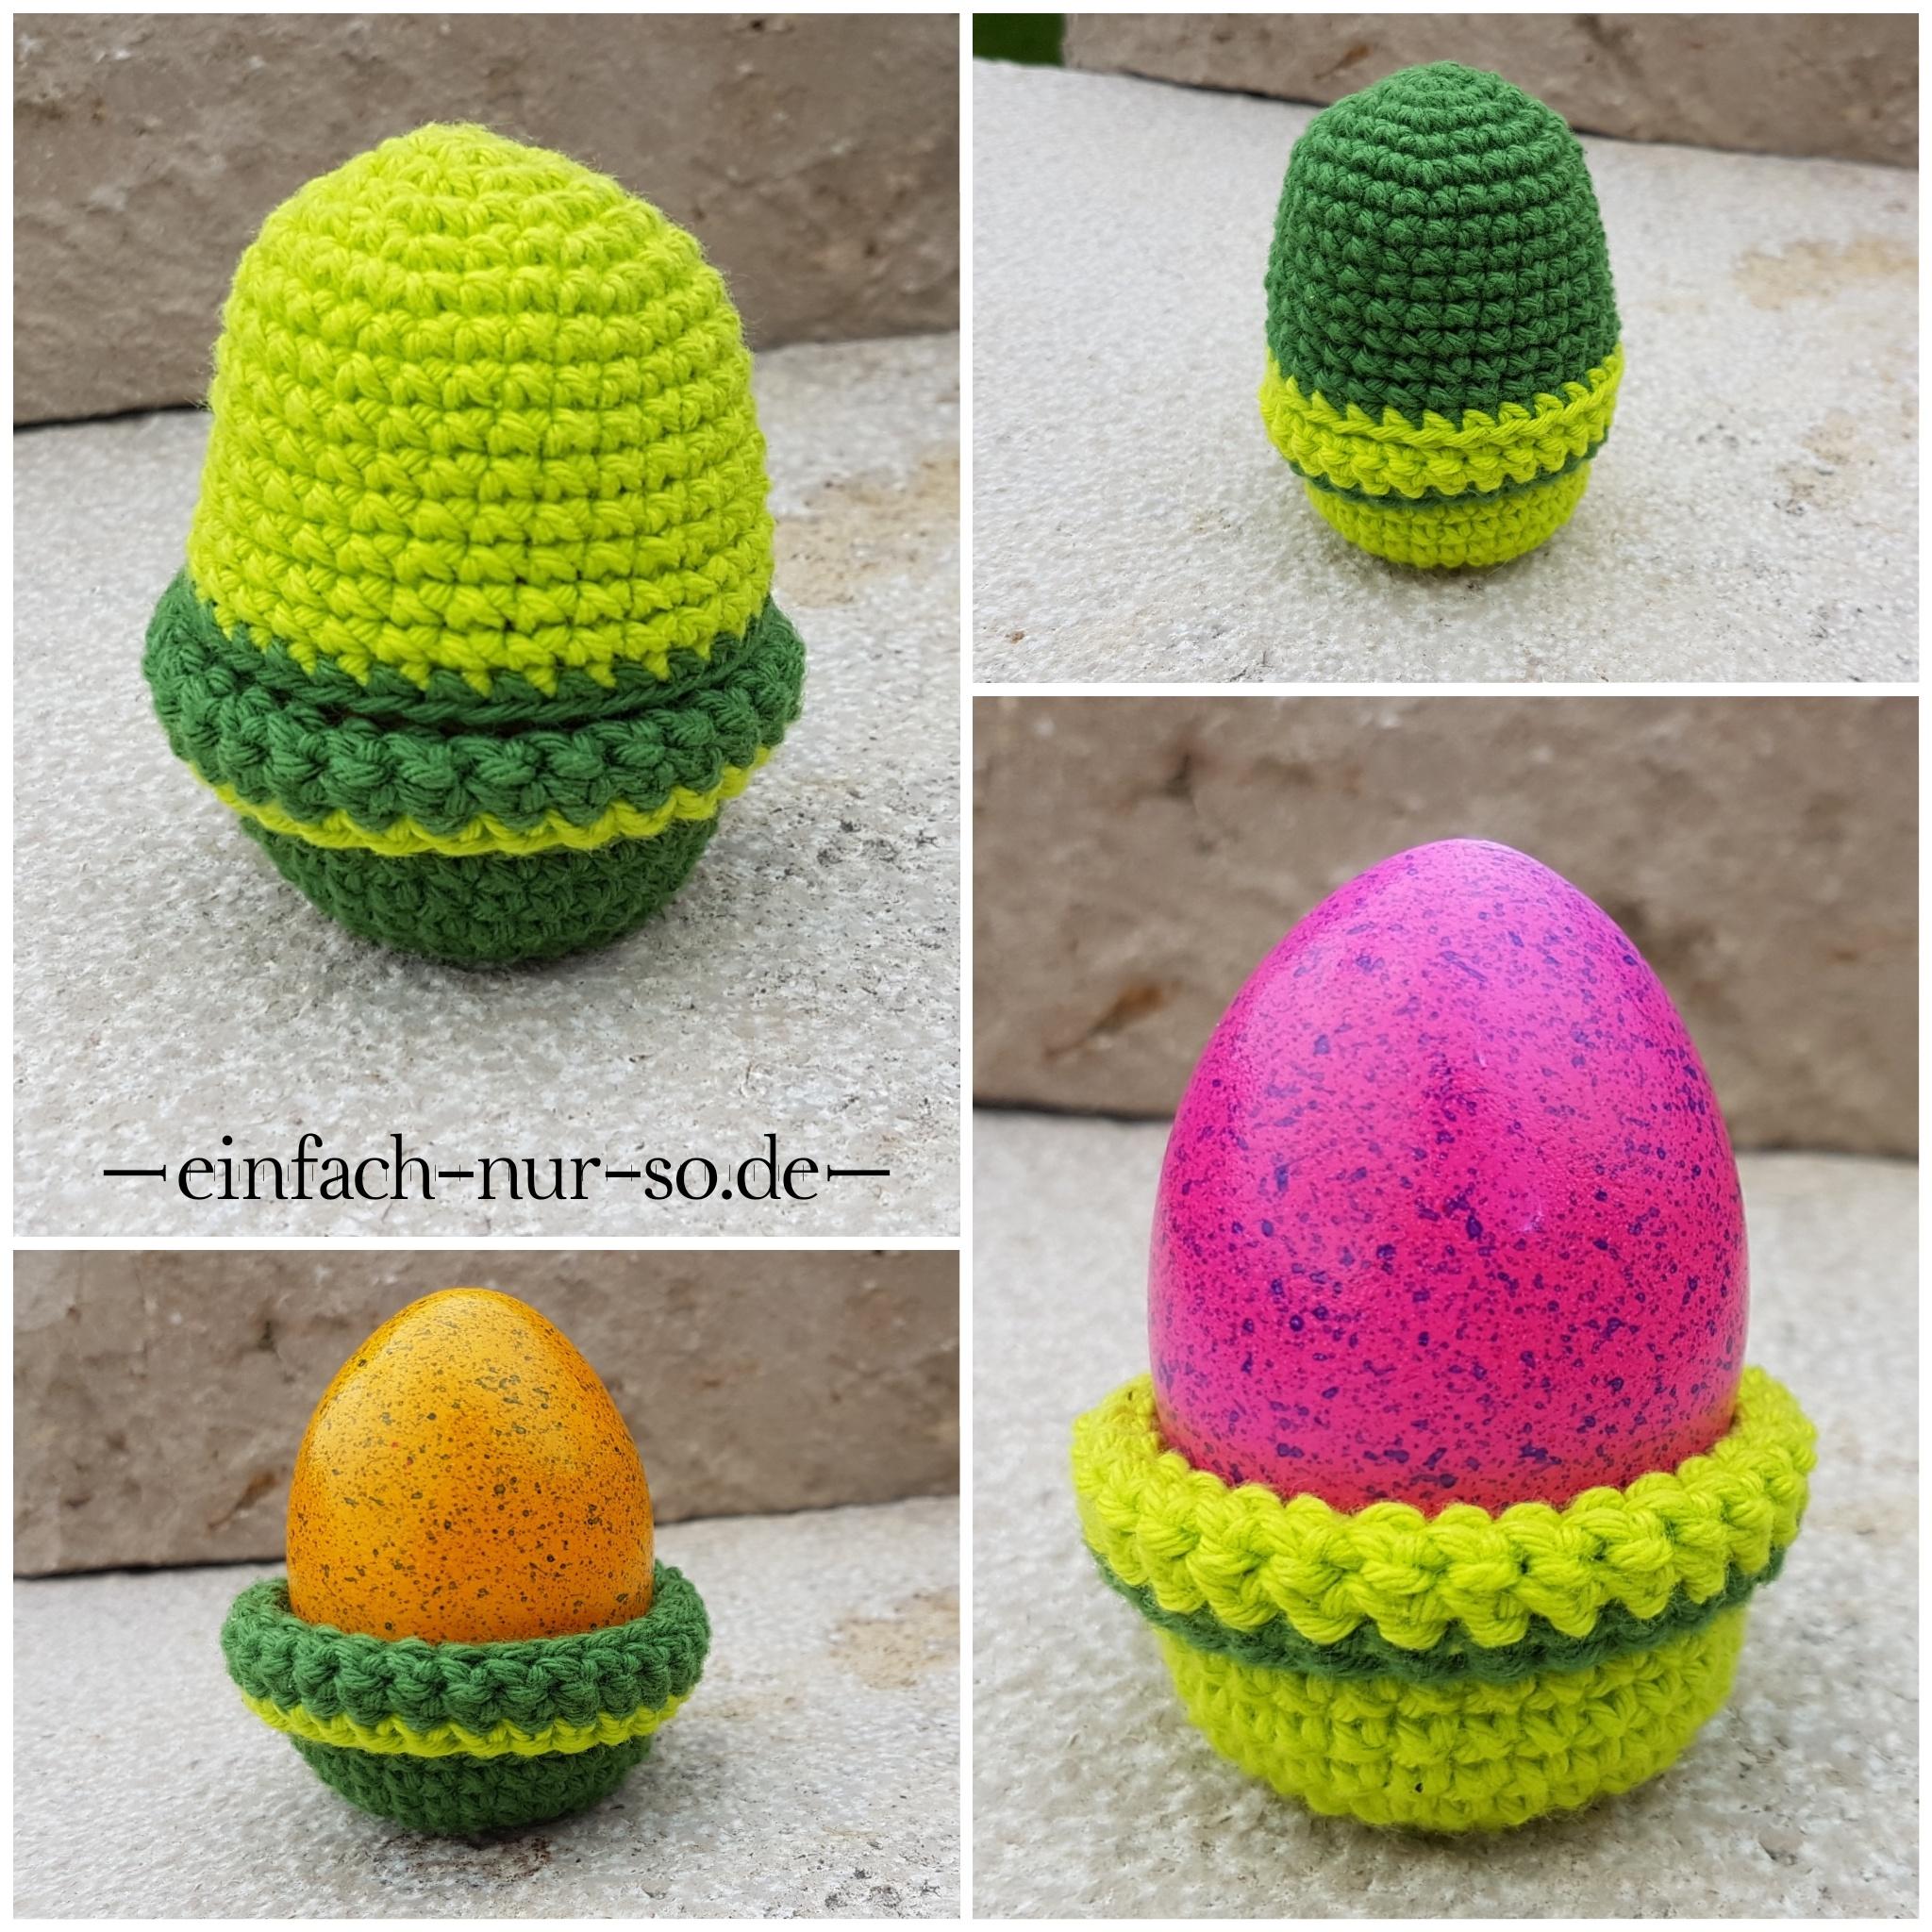 Gehäkelte Eierbecher Eierwärmer Einfach Nur Sode